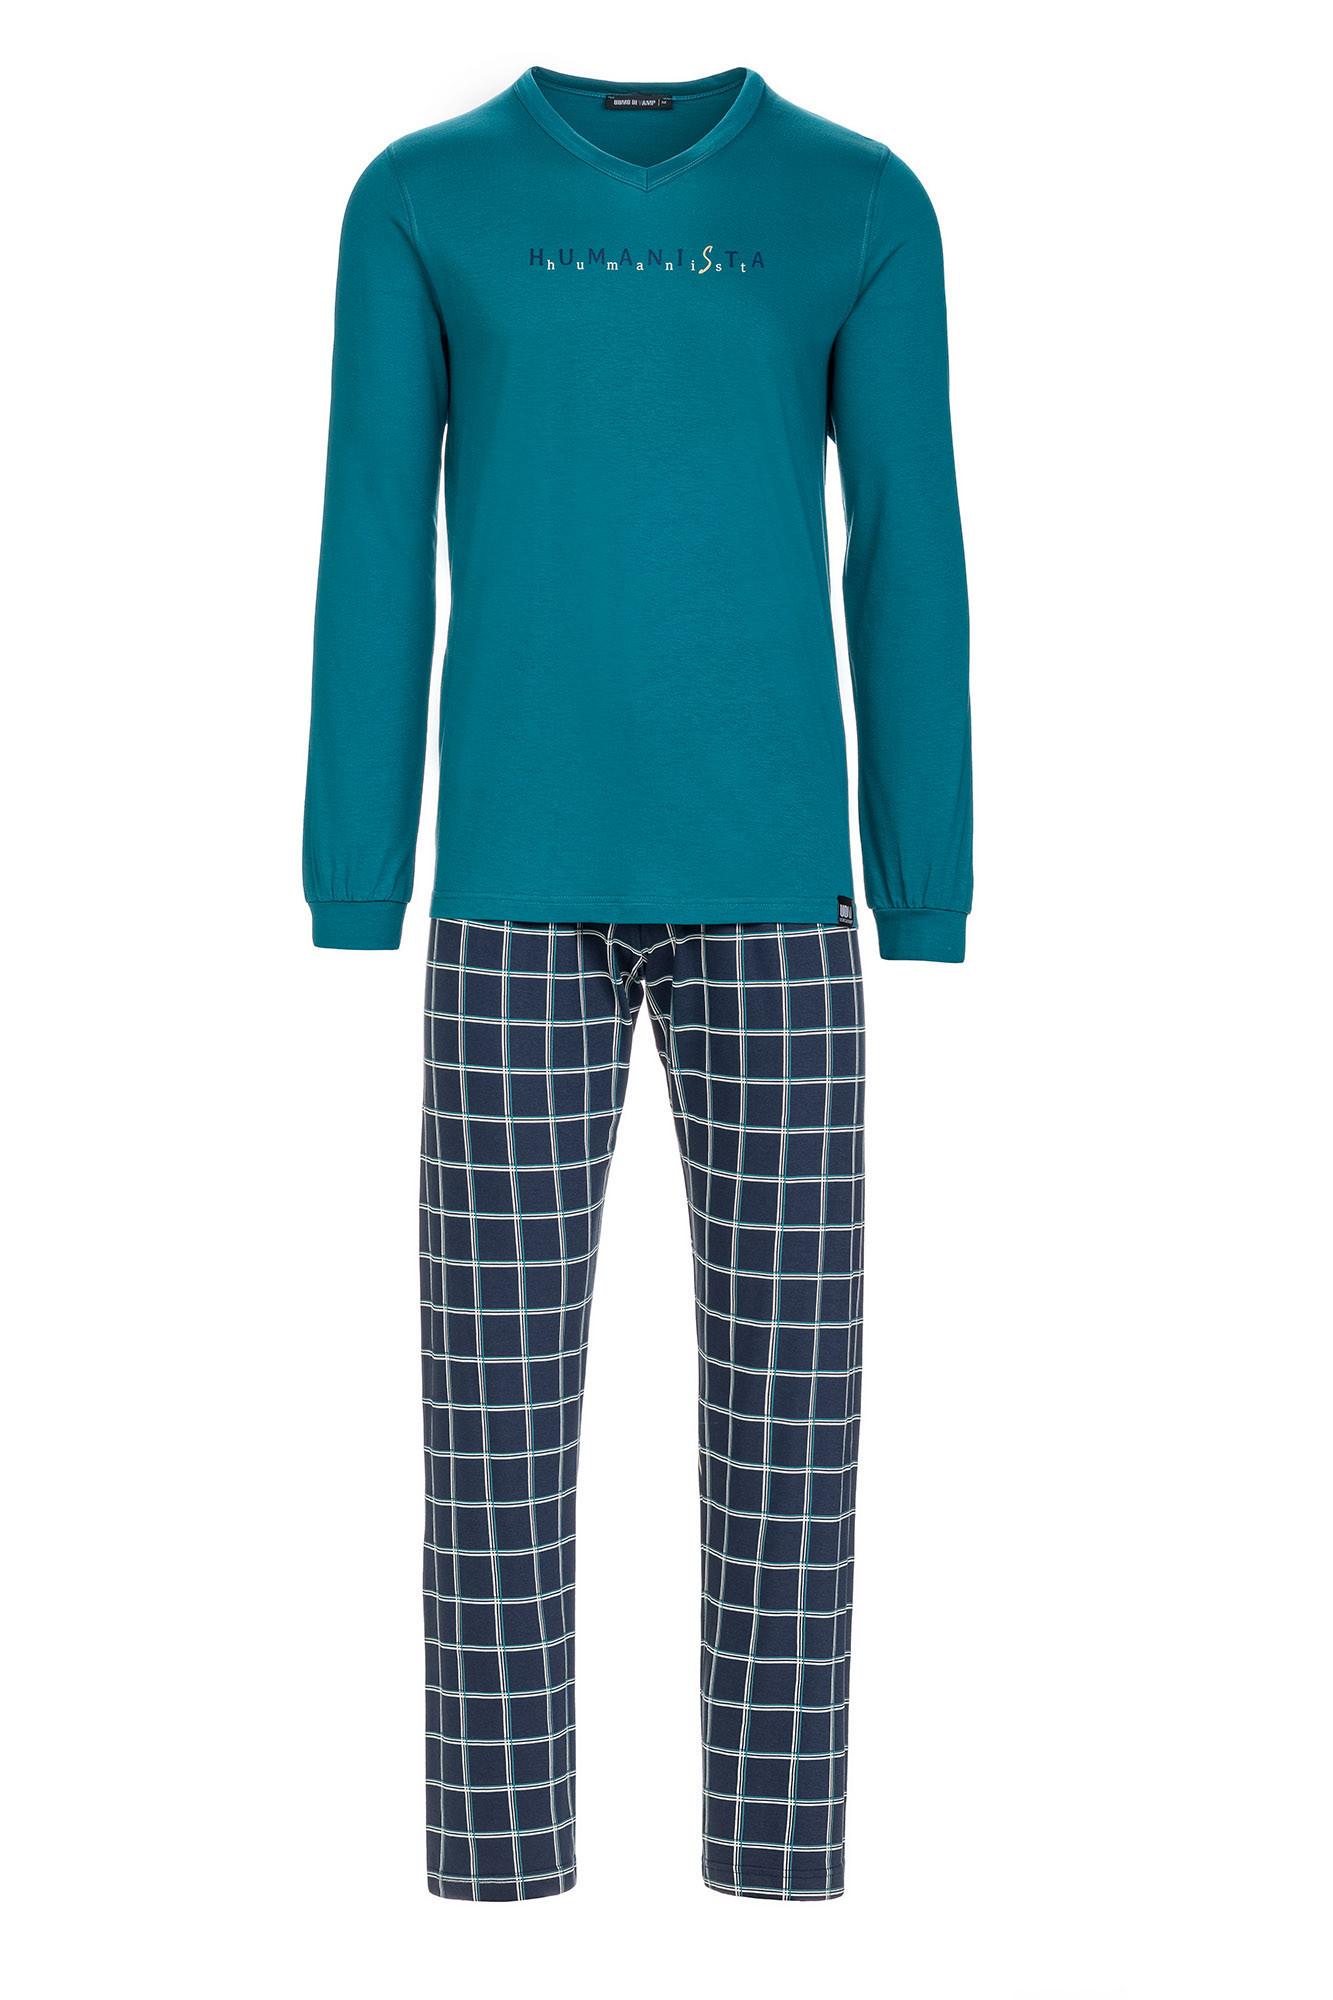 Vamp - Pánske pohodlné pyžamo 13625 - Vamp petrol 5XL